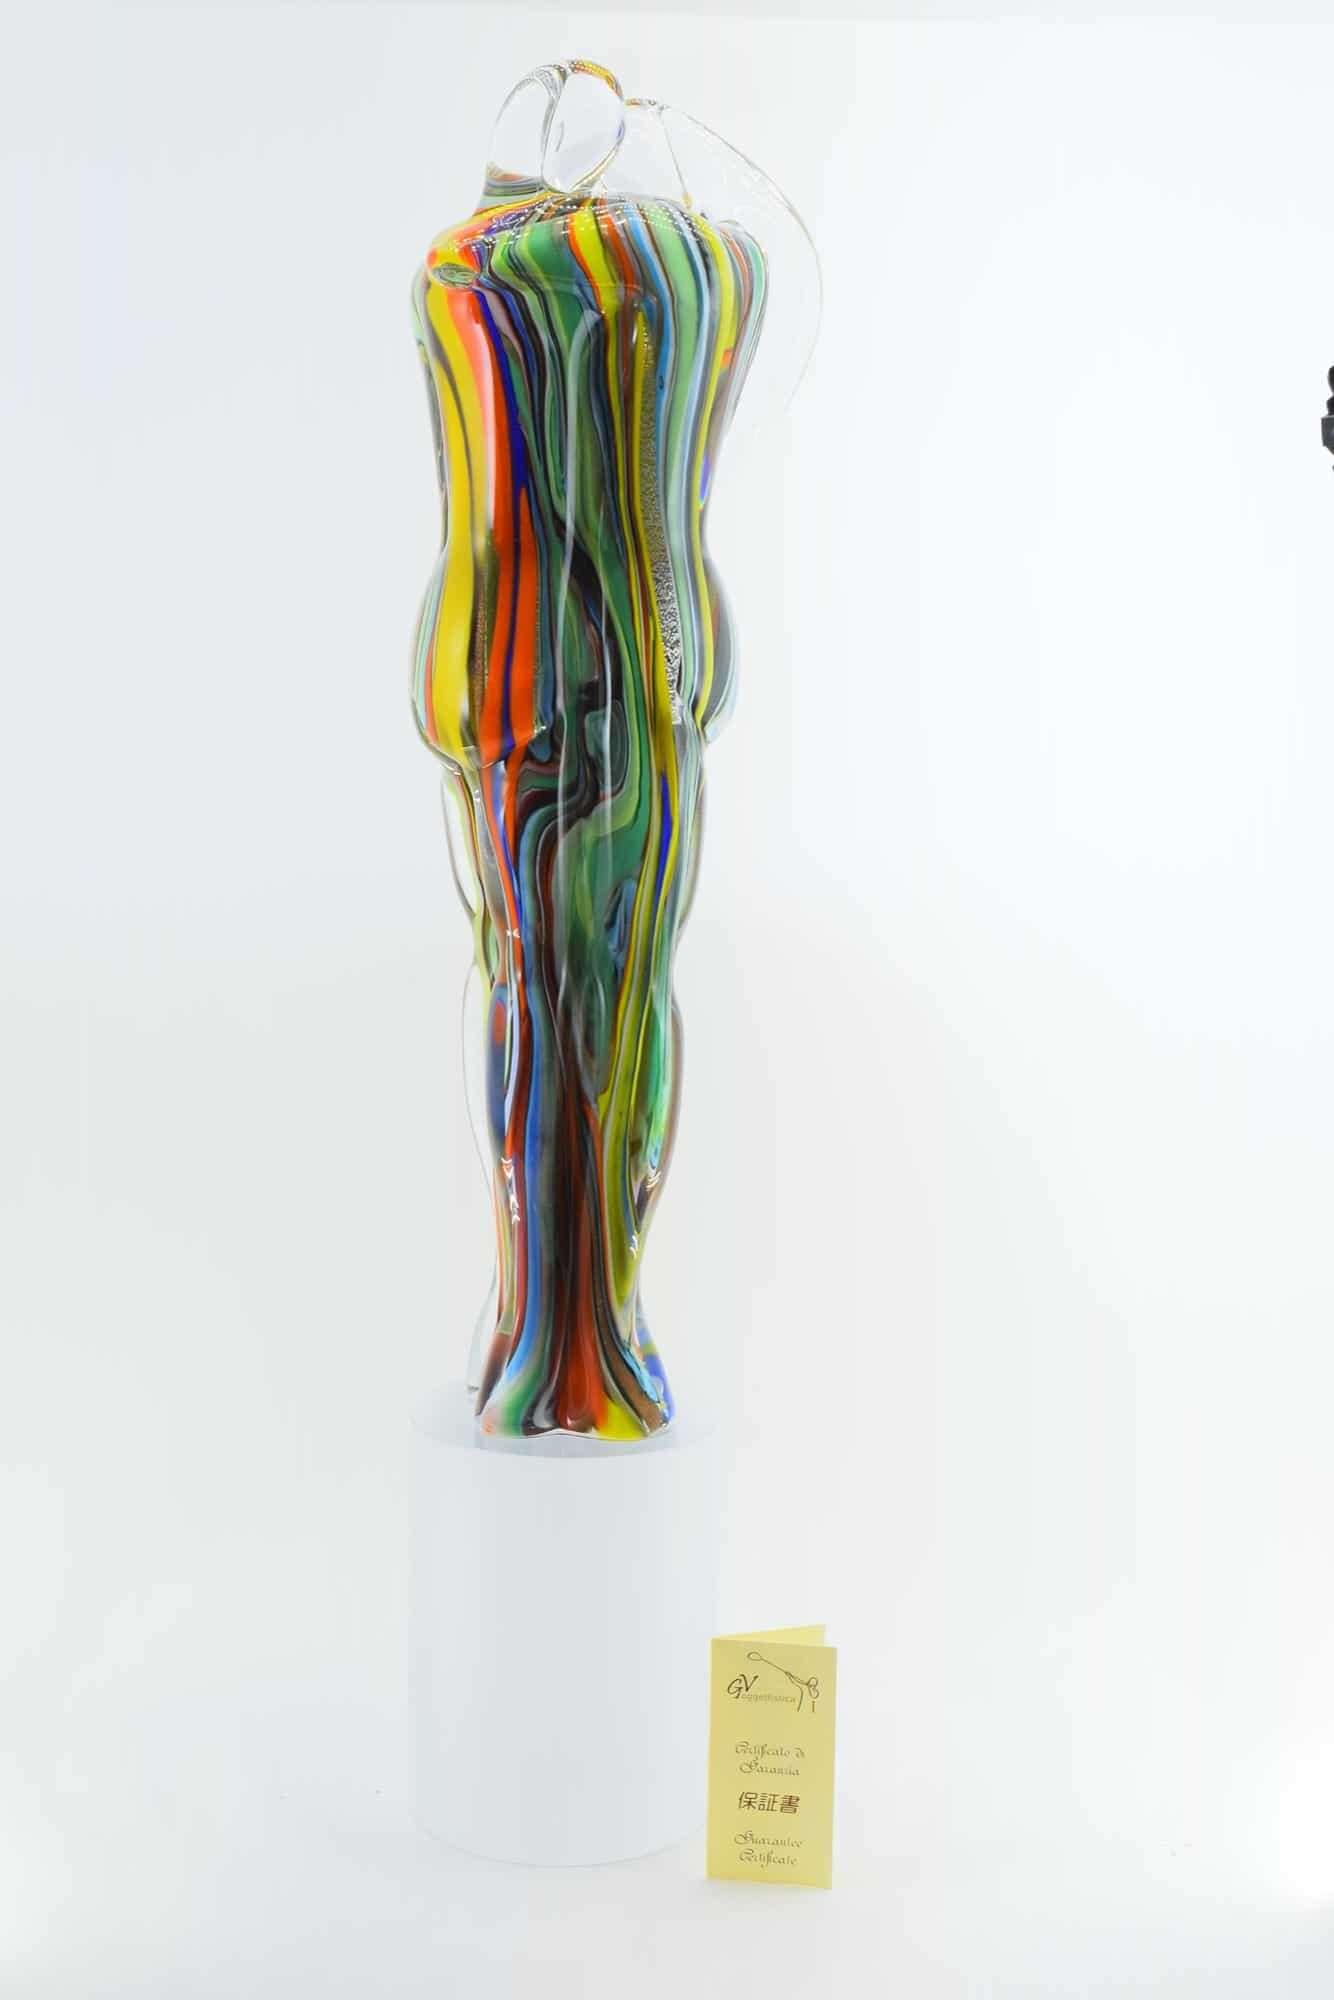 Скульптура любителей муранского стекла - (Art. 37221)